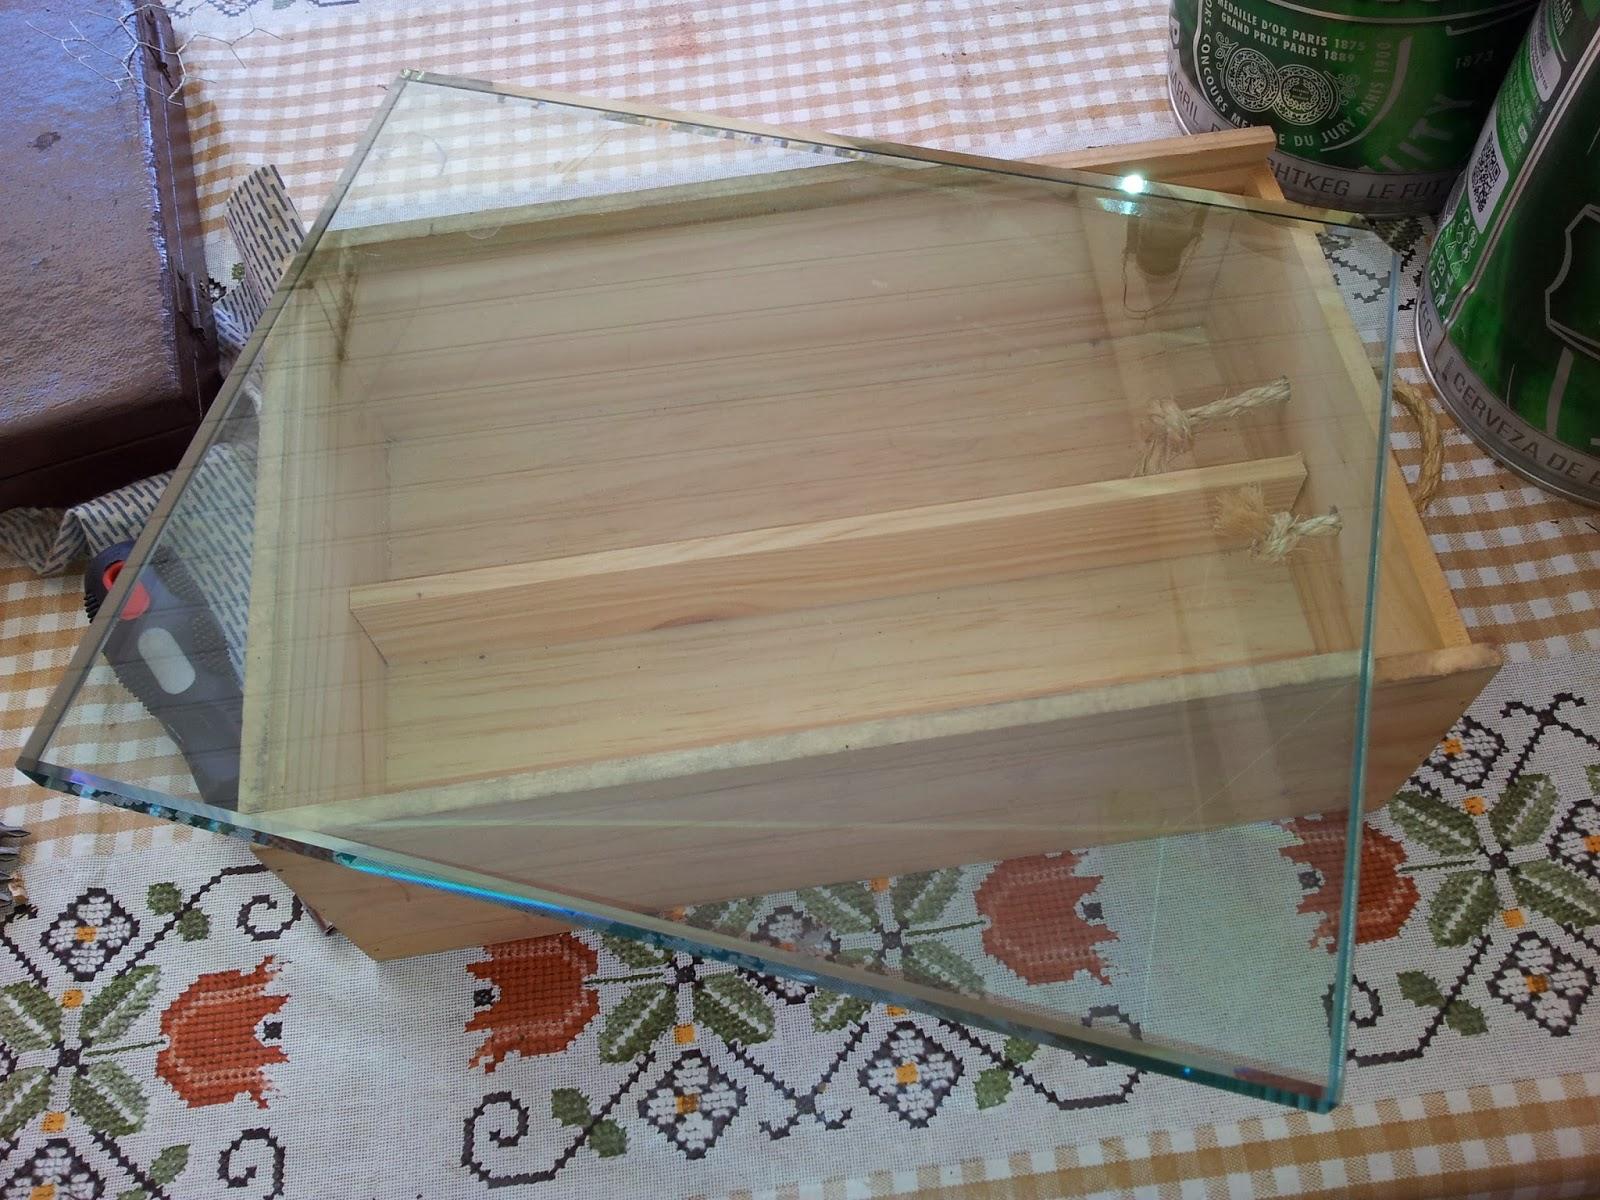 Oficina do Quintal: Como fazer uma Bandeja de Vidro #6A4433 1600x1200